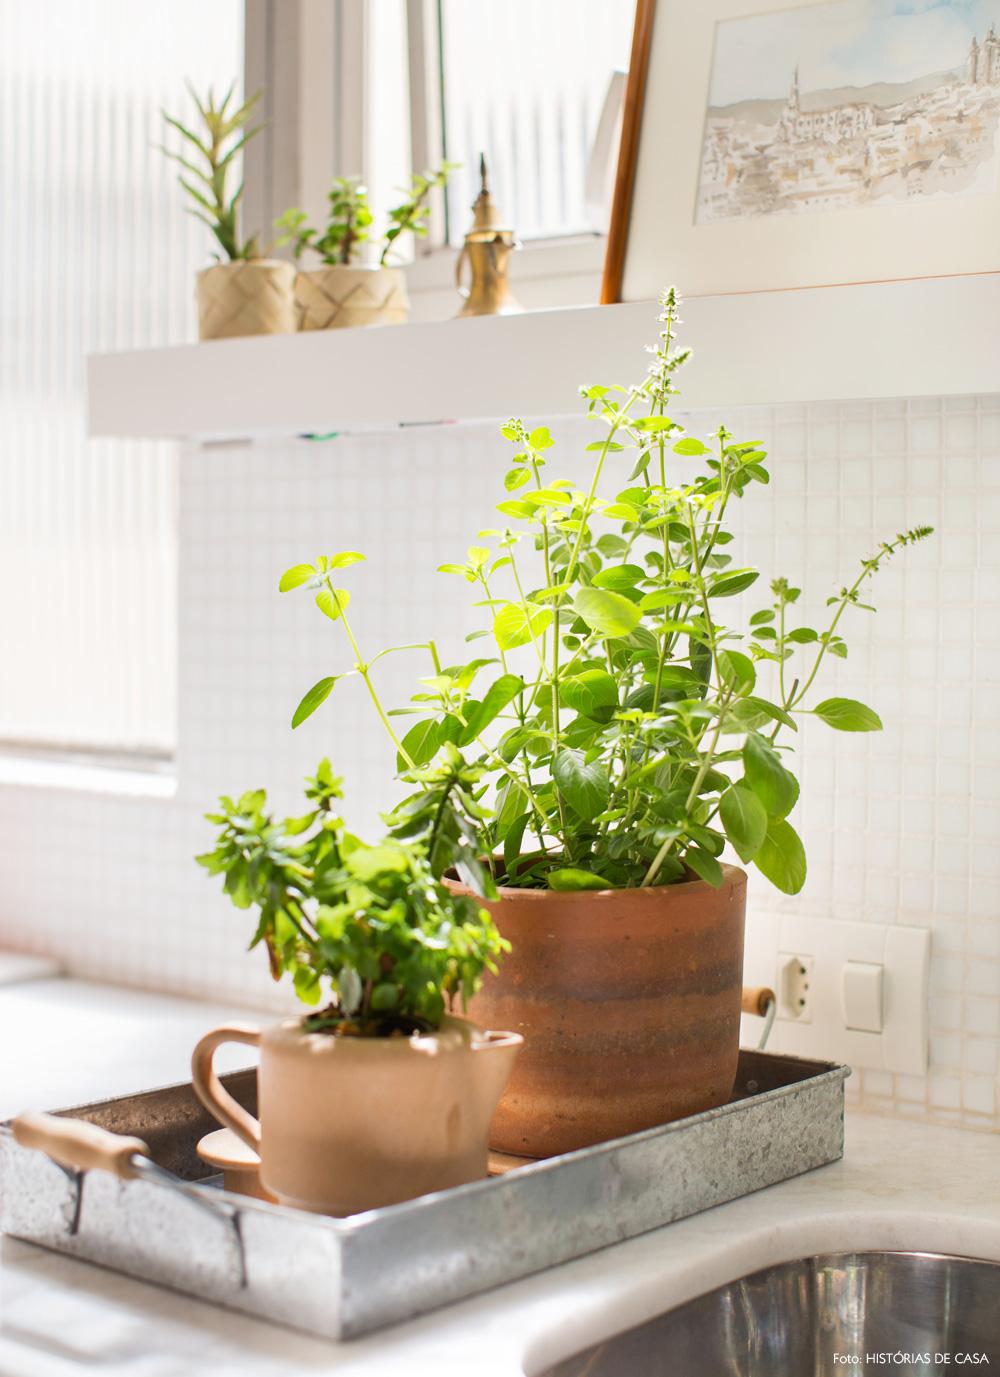 21-decoracao-cozinha-temperos-horta-caseira-barro